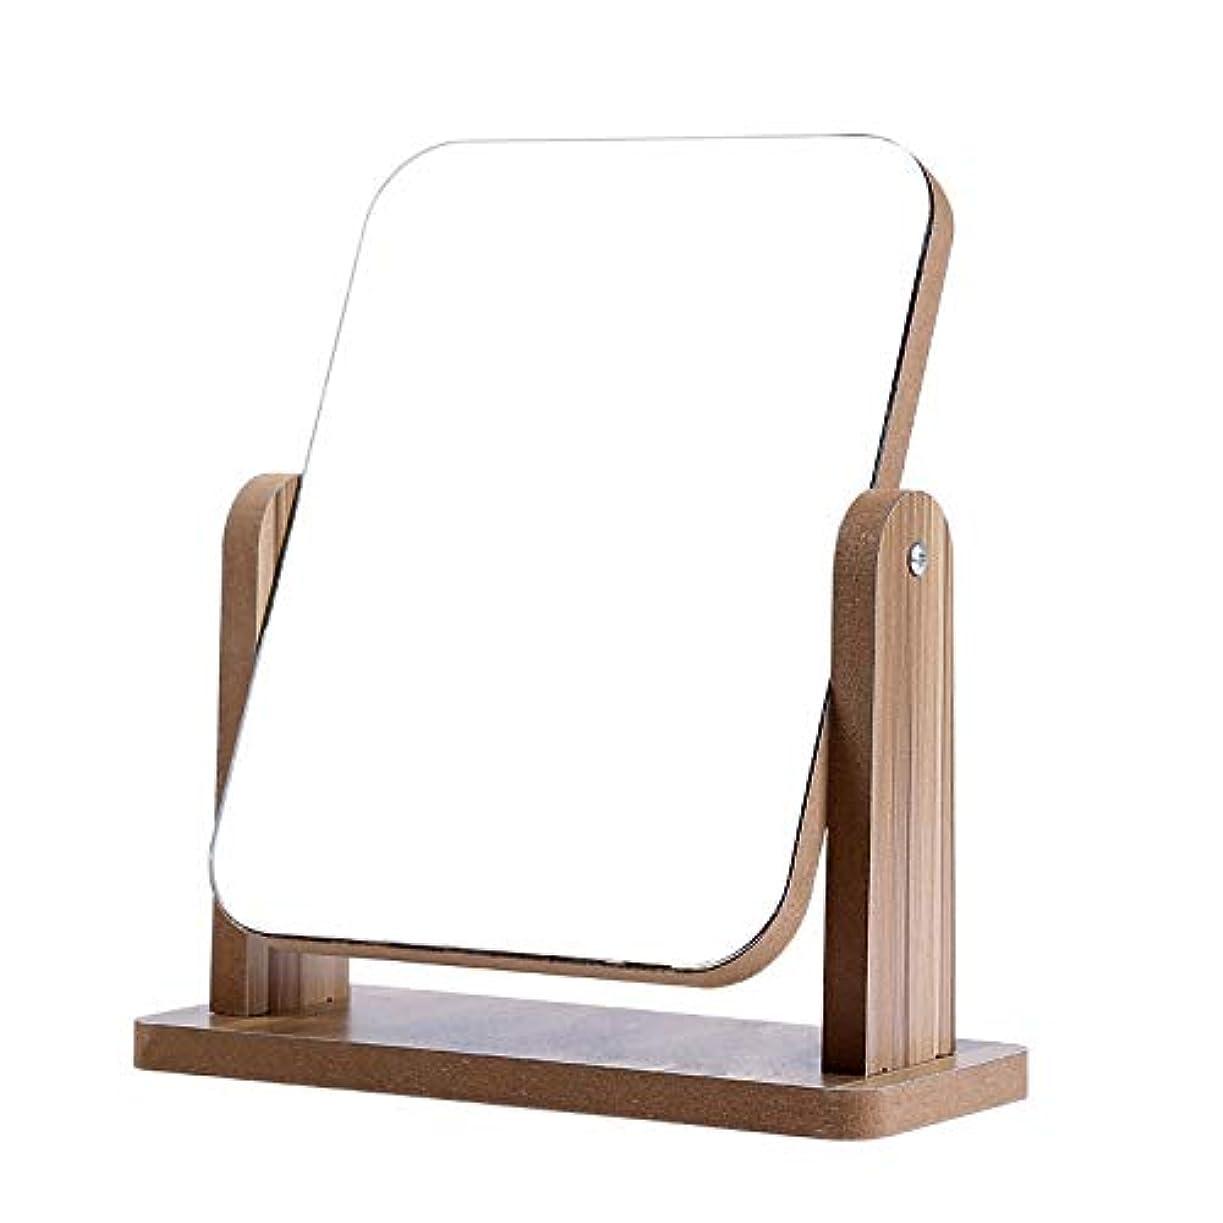 バリケード白鳥優雅Anyasun 卓上ミラー 化粧ミラー メイクミラー 360度回転 スタンドミラー 化粧鏡 木目 (縦)